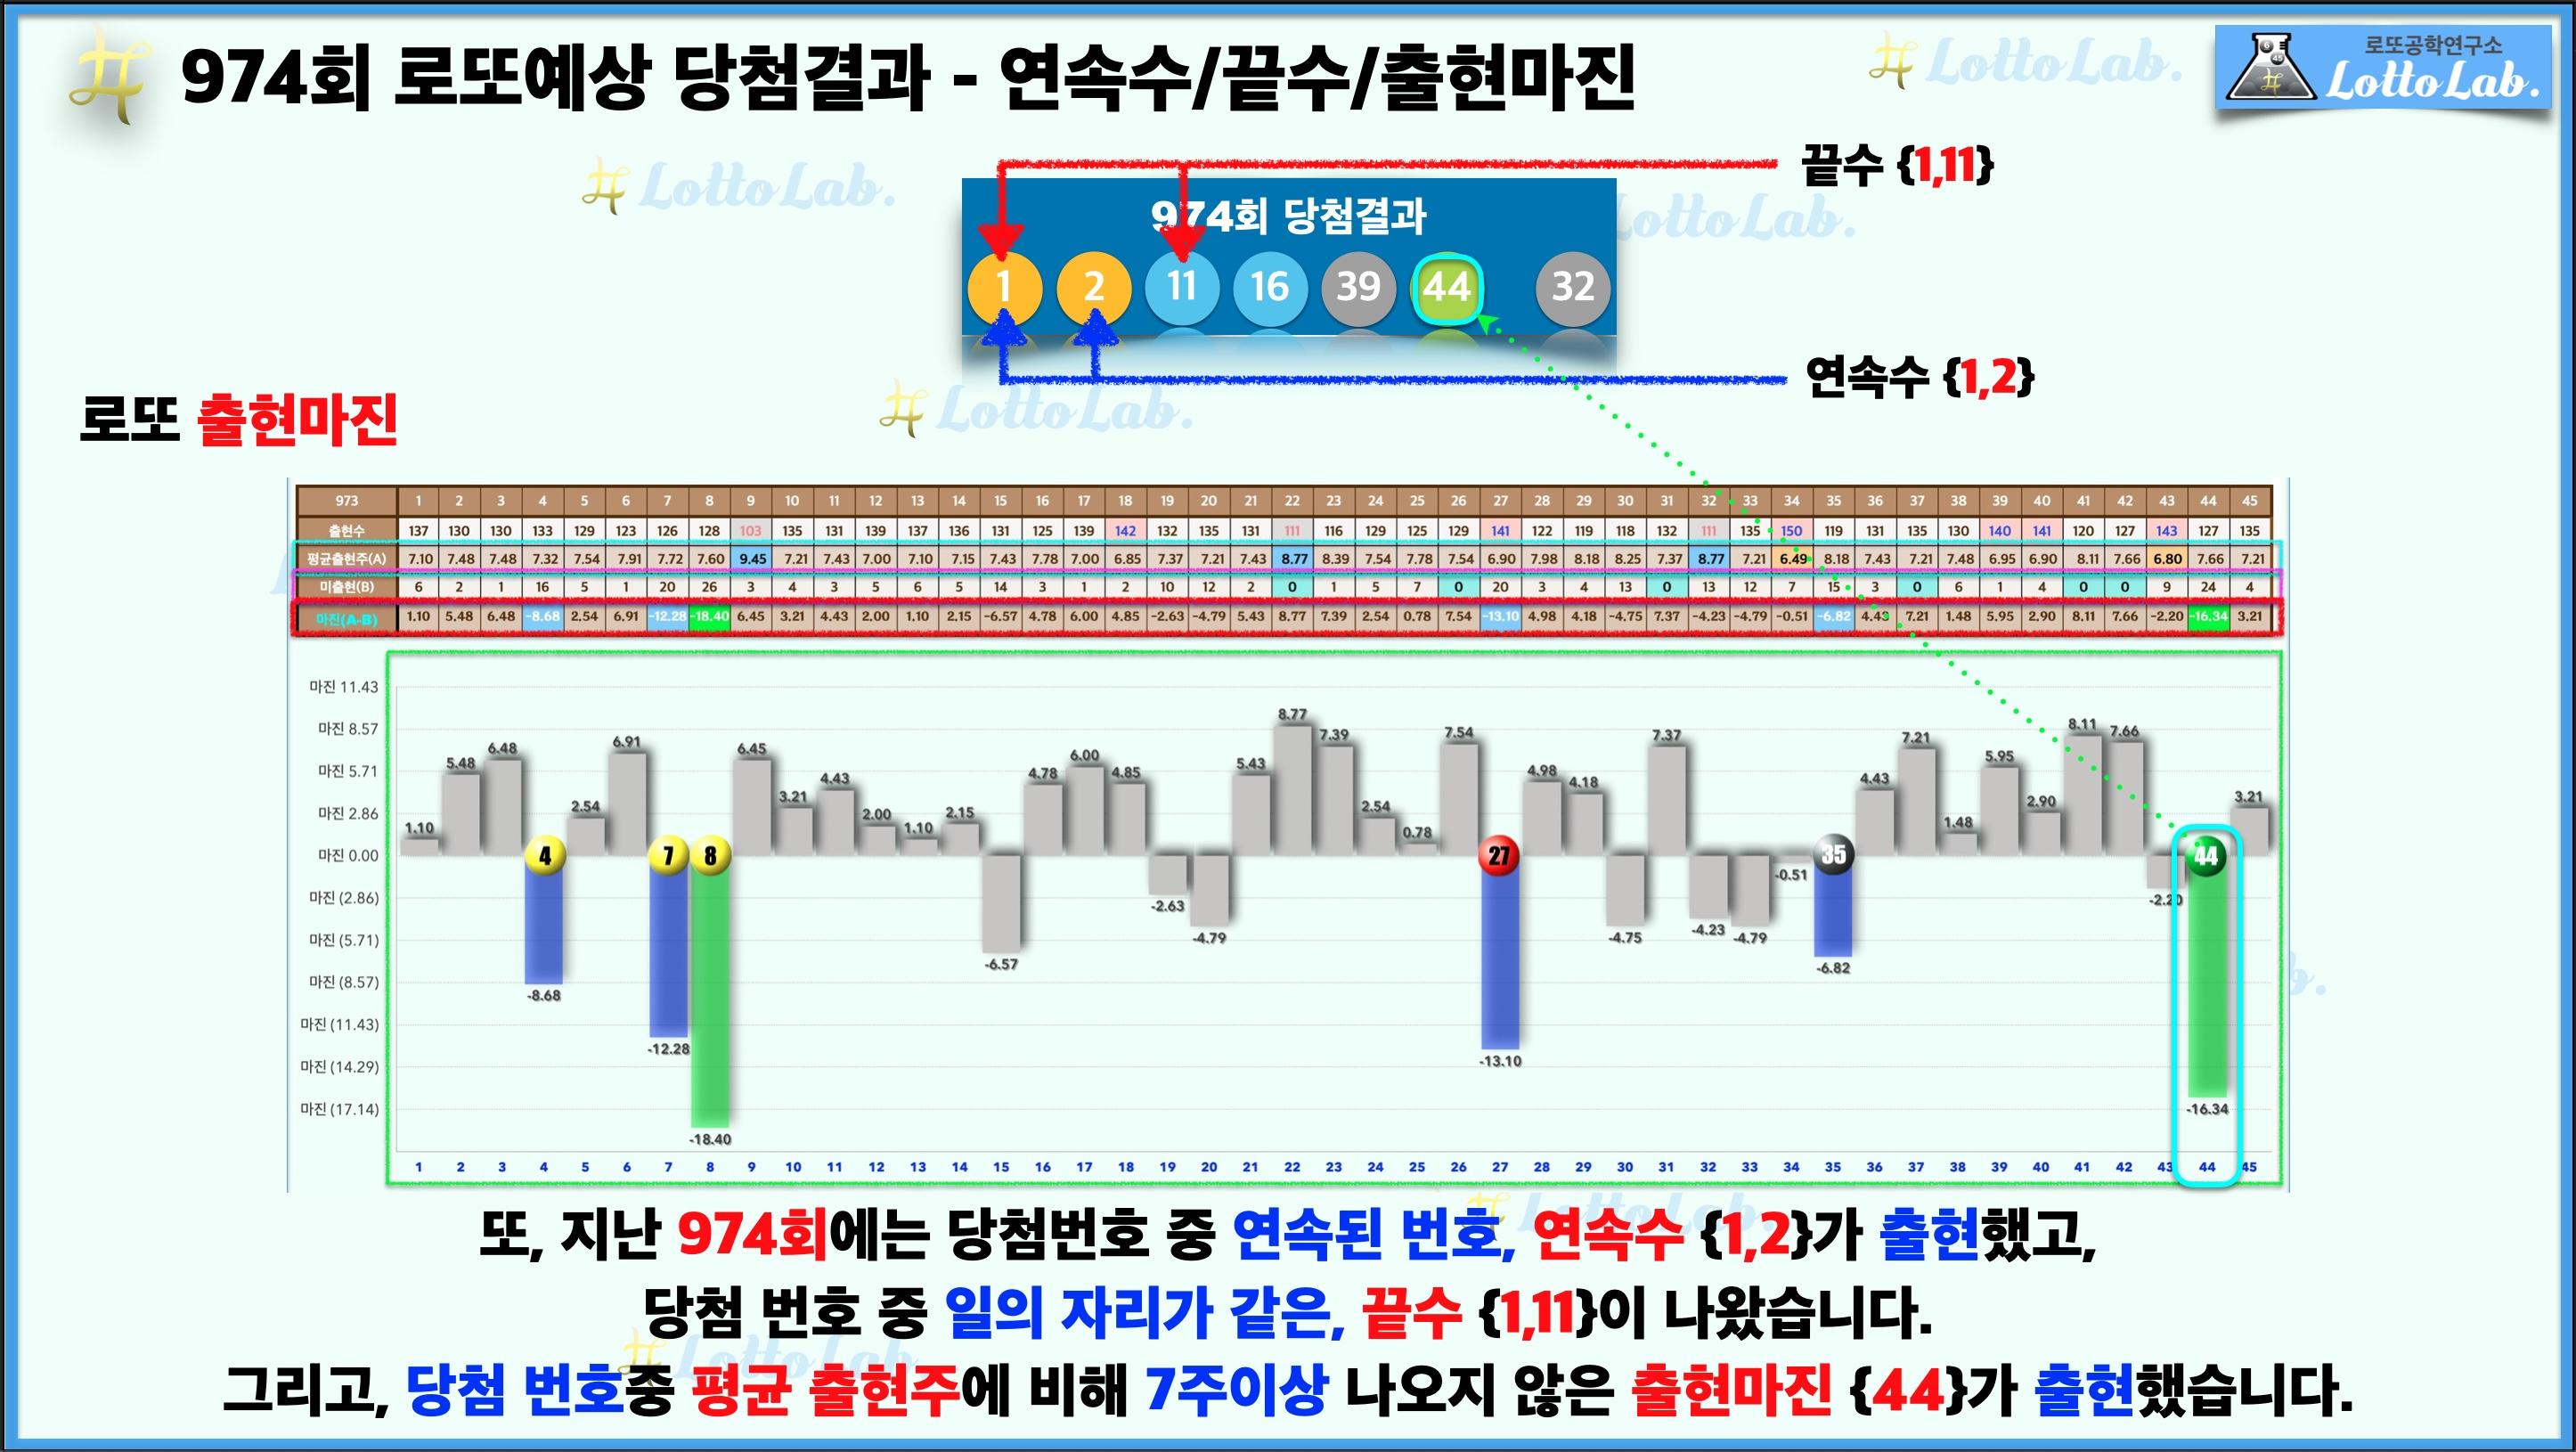 로또랩 로또974 예상결과 - 연속수 끝수 출현마진